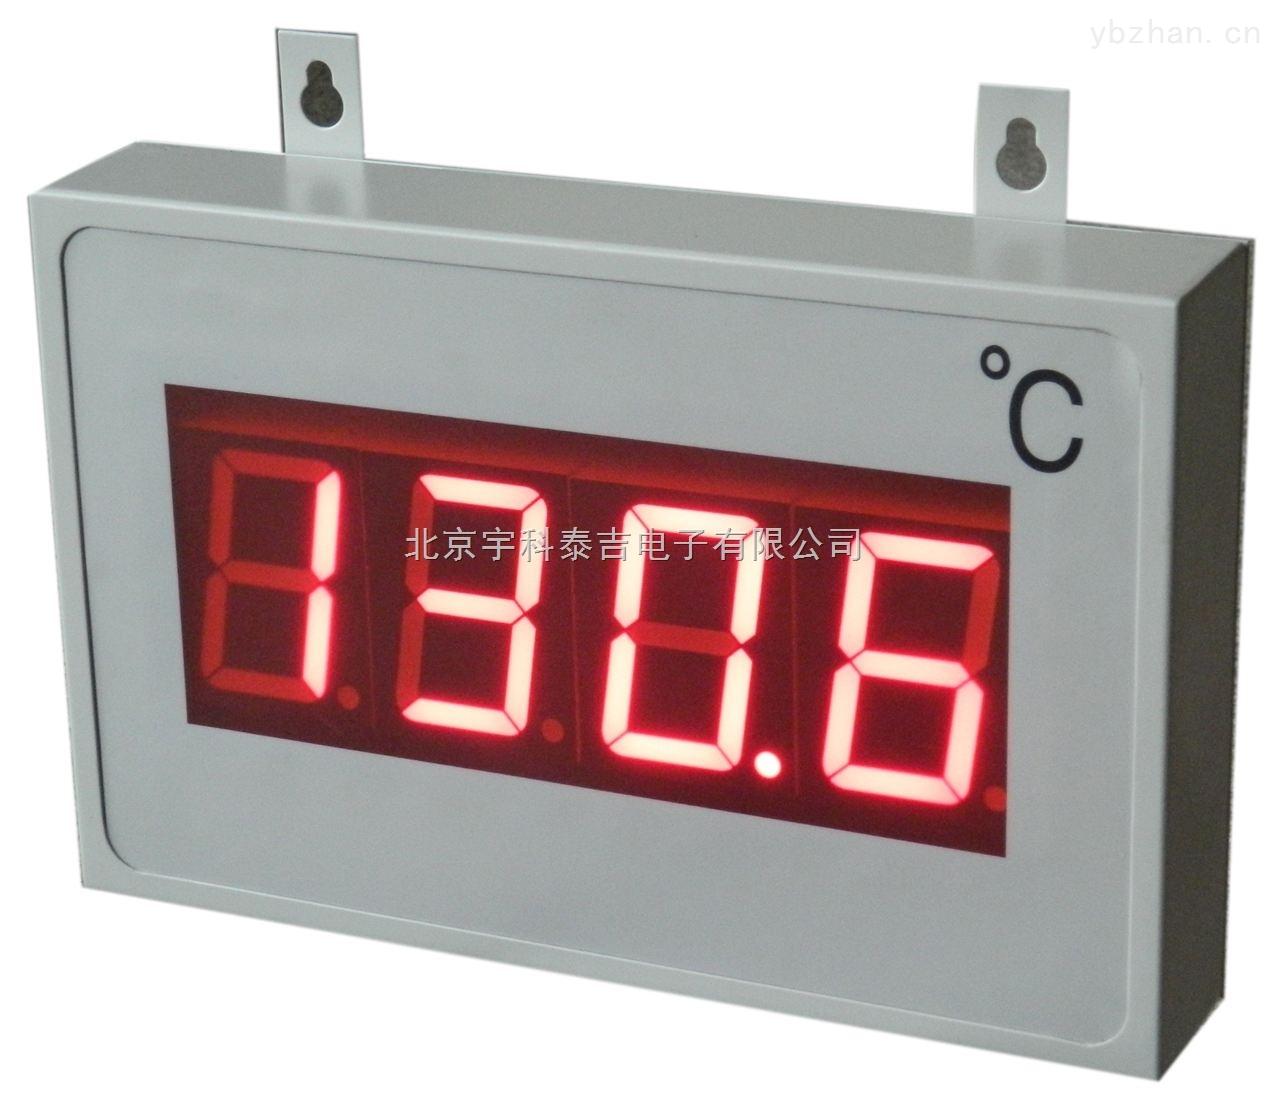 智能LED大屏幕温度显示仪 热电阻/PT100温度显示器